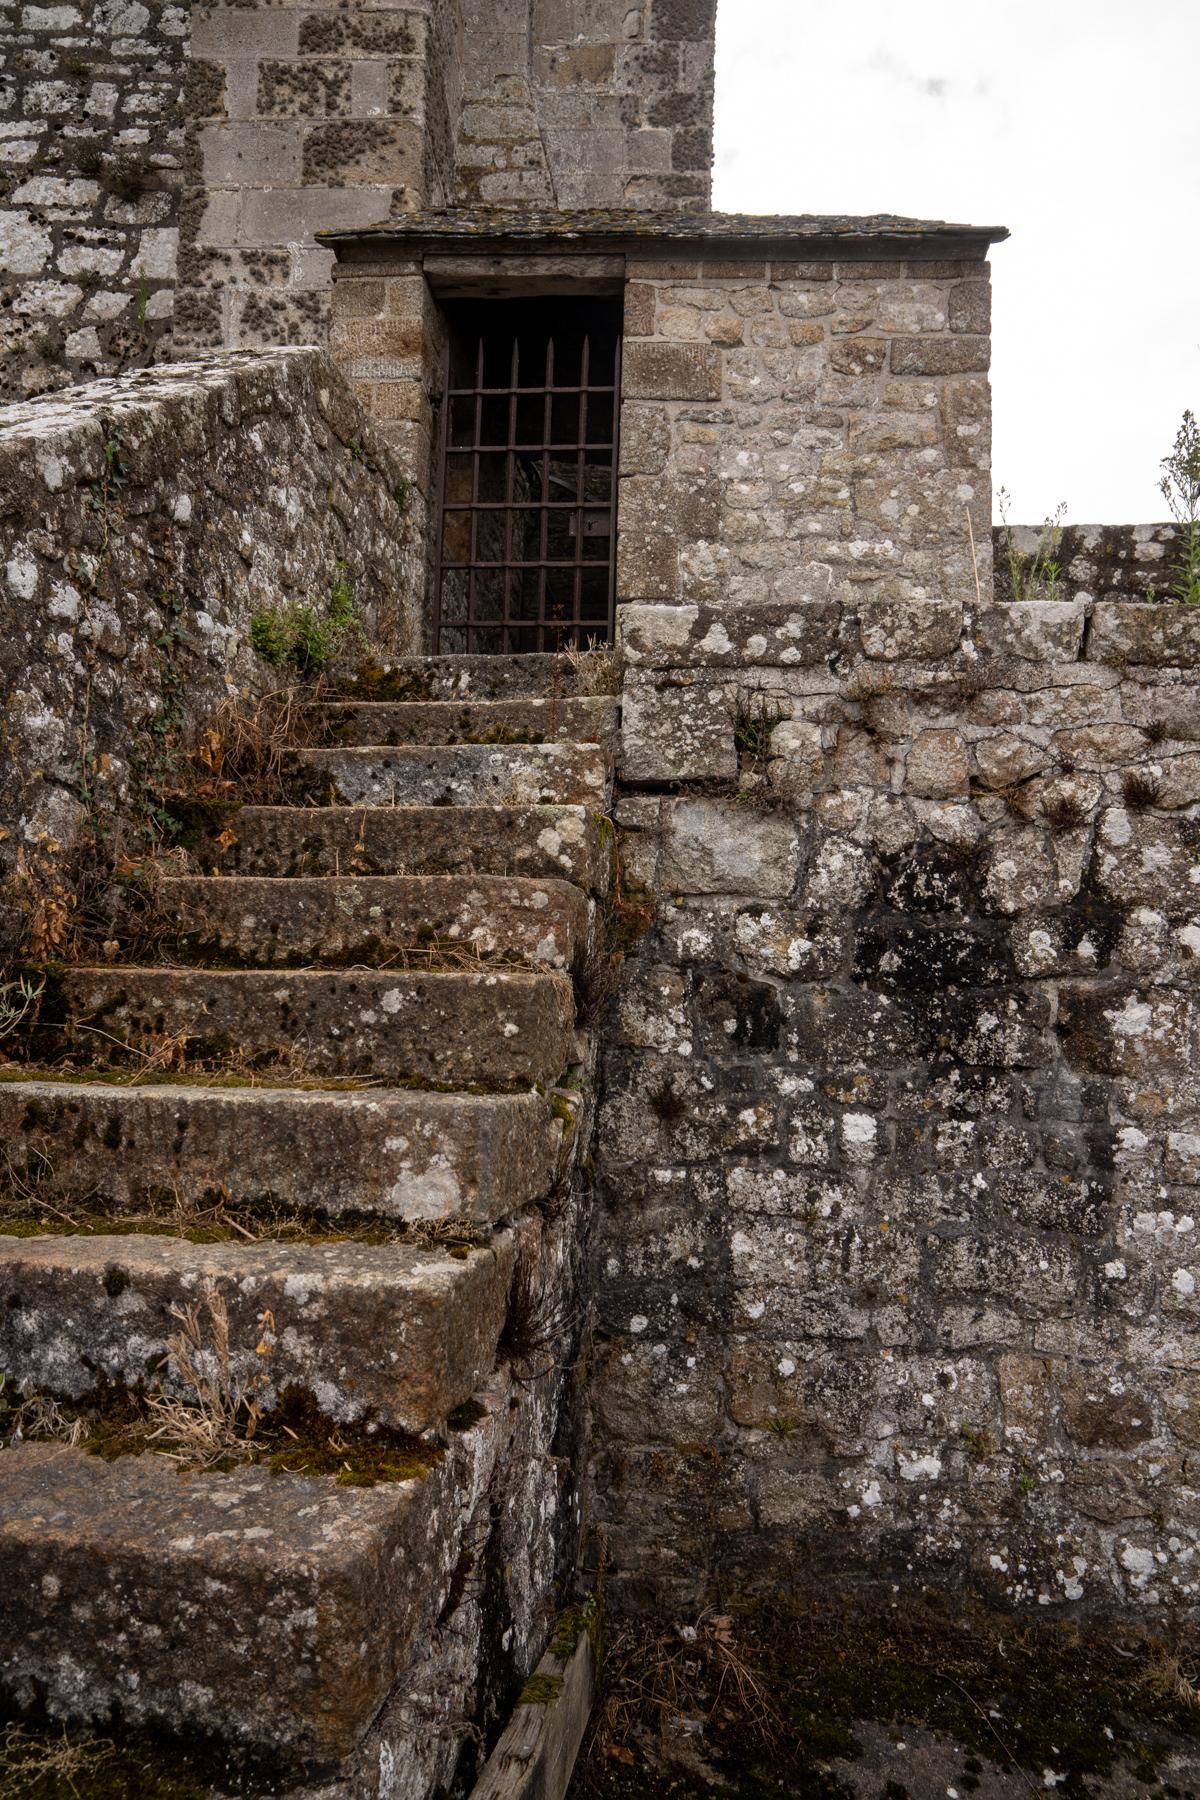 mont saint-michel, mont saint michel, été normandie, balade normandie, visiter mont saint-michel, séjour normandie, que voir en normandie, que faire en normandie